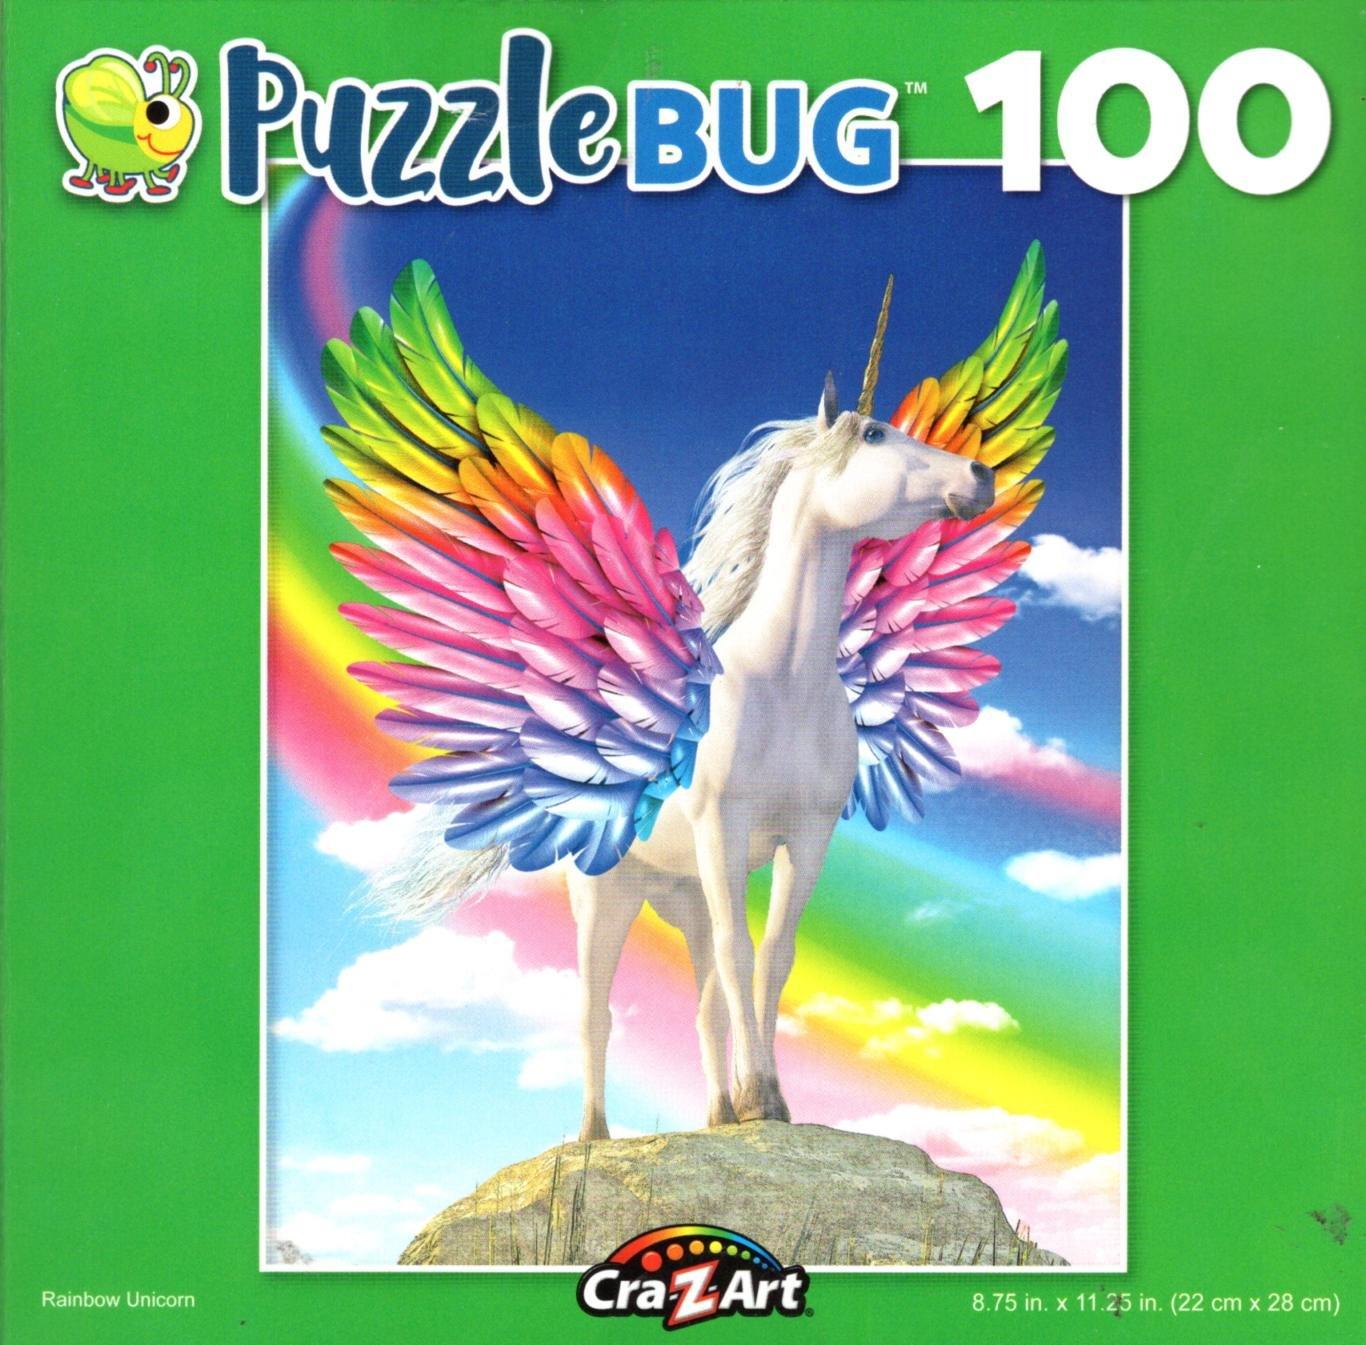 Rainbow Unicorn - Puzzlebug - 100 Piece Jigsaw Puzzle v2